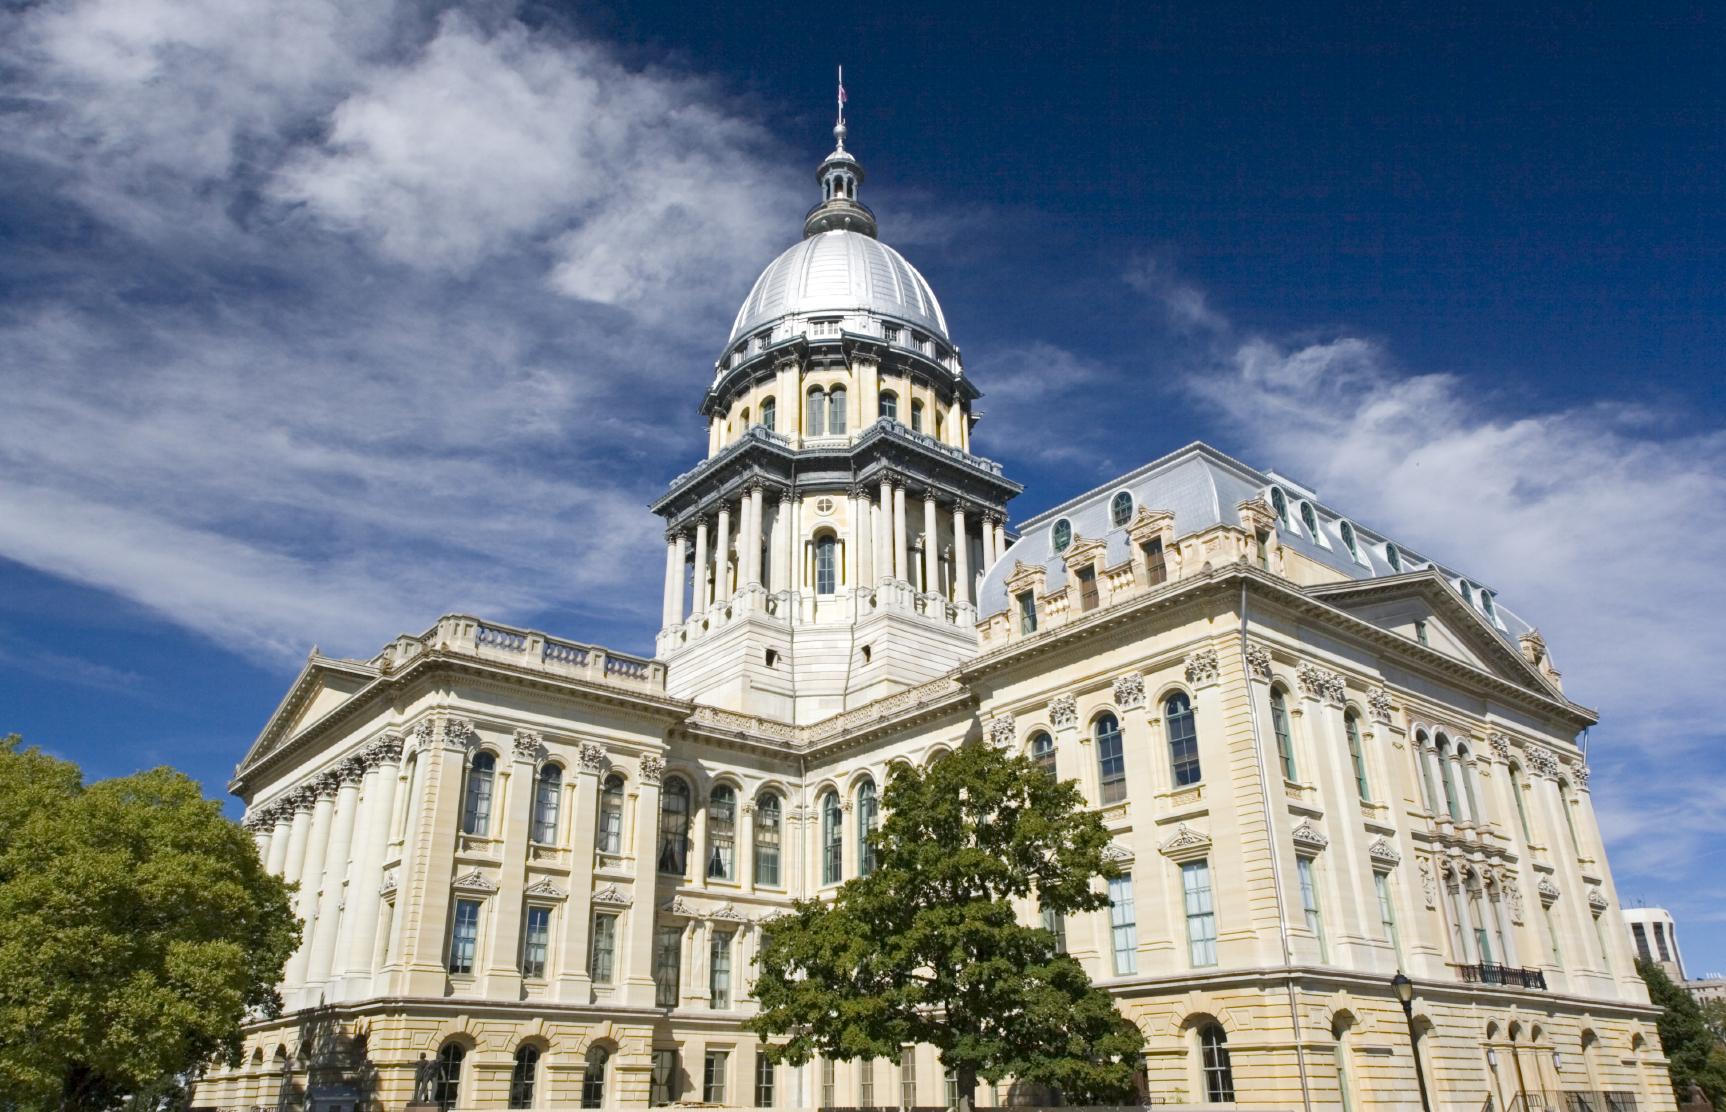 Illinois state legislature